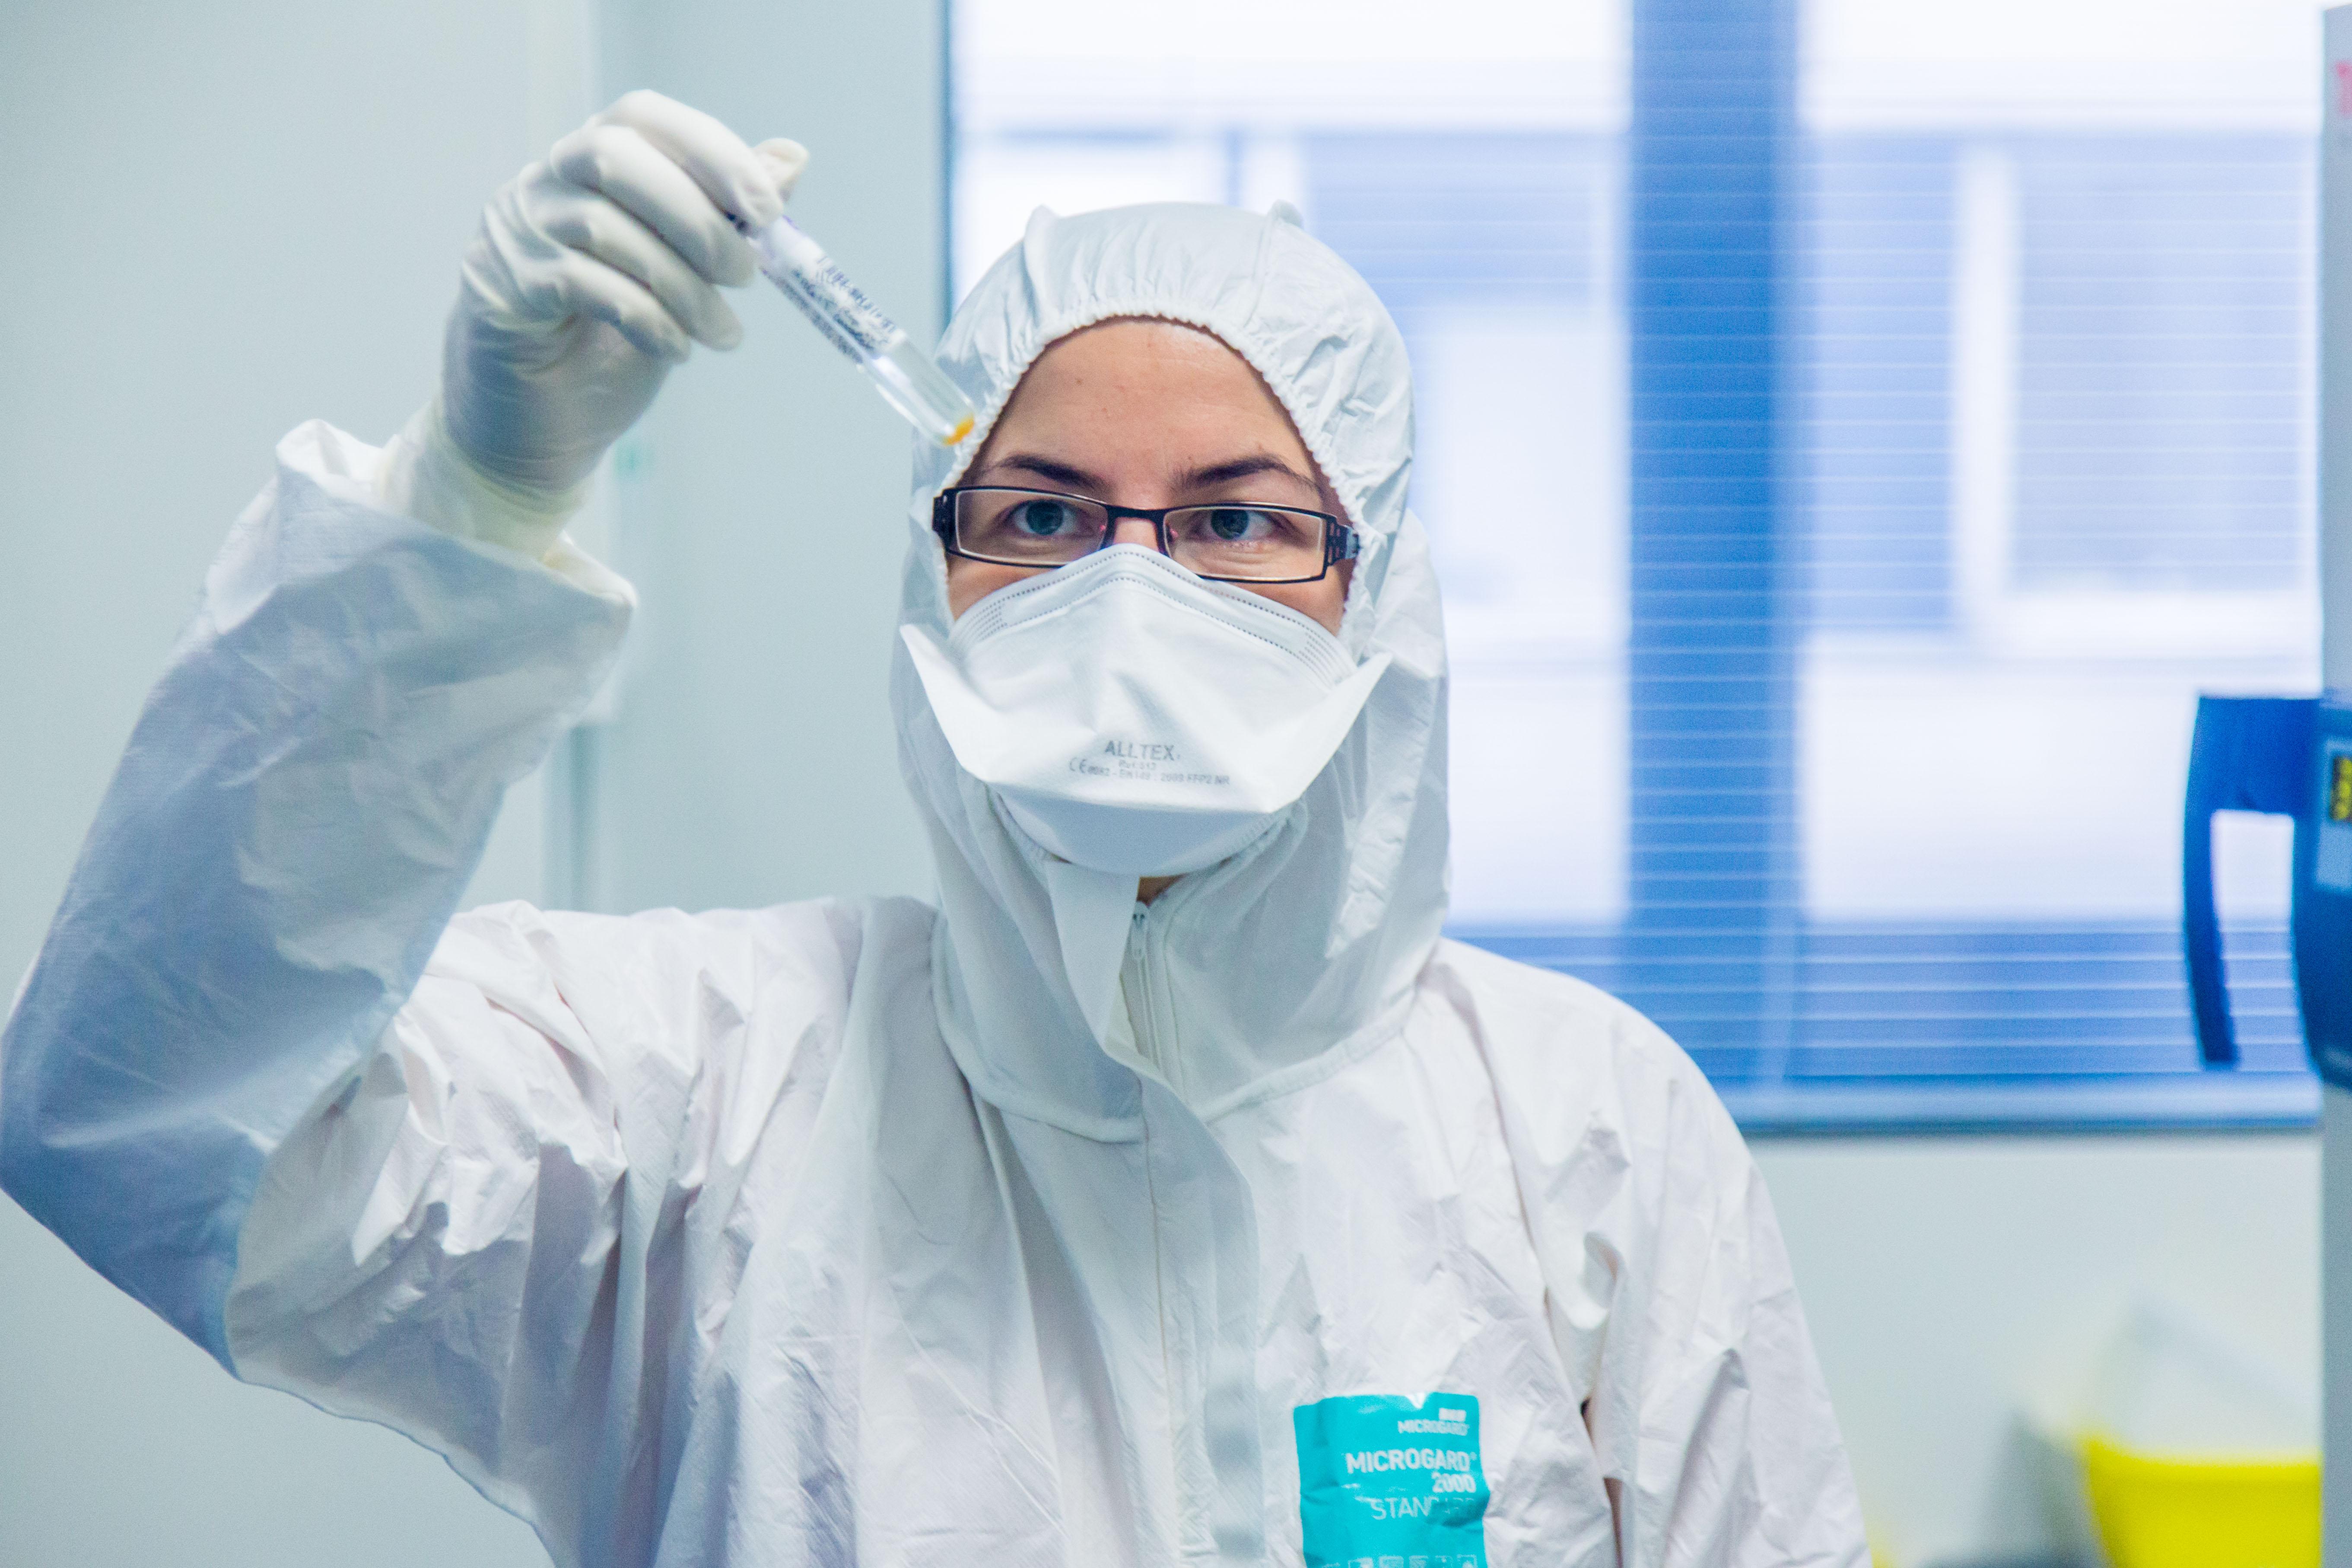 107 tünetmentes személy 13 pozitív koronavírusteszt-eredményt adott szerdán a Kelen Magánkórházban